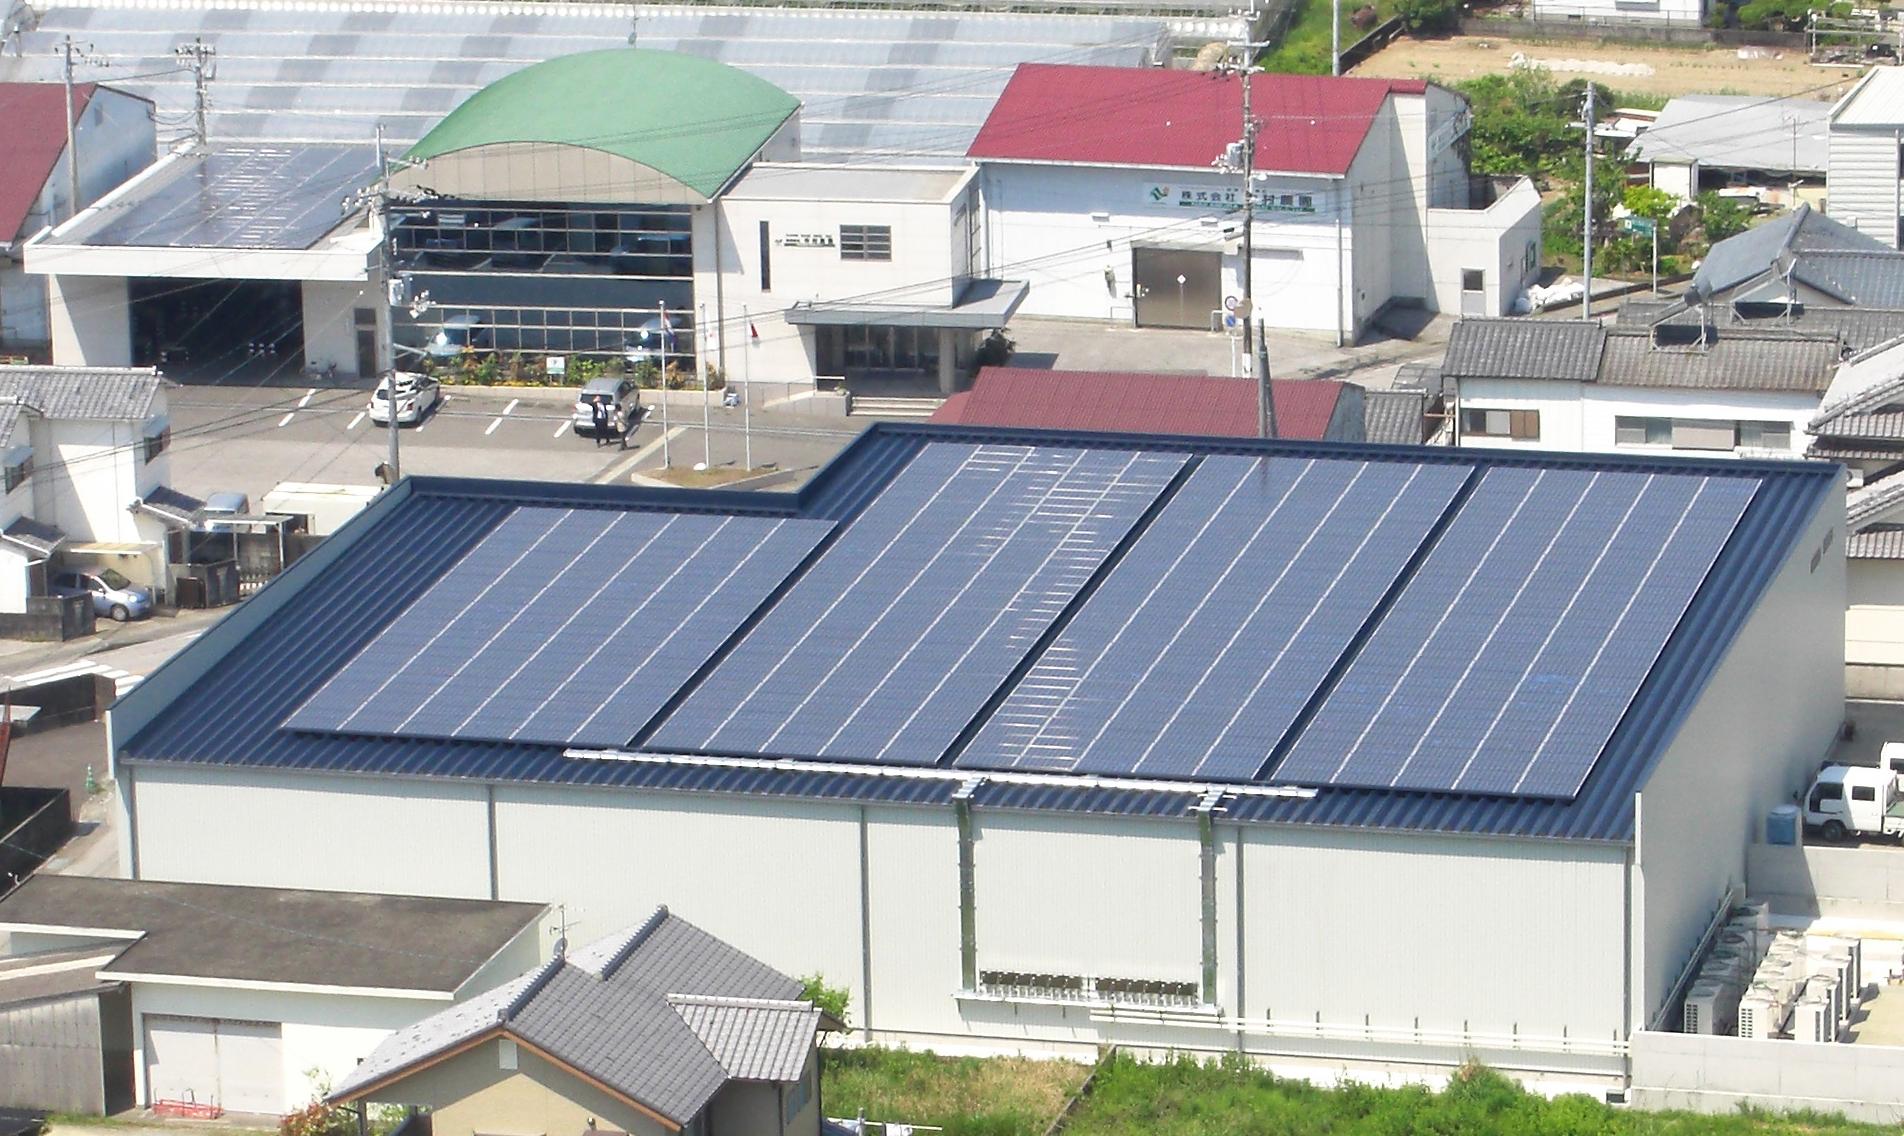 株式会社中村農園 新冷温蔵庫太陽光発電設置工事に関する課題事項及び技術対応(2009/06/3)